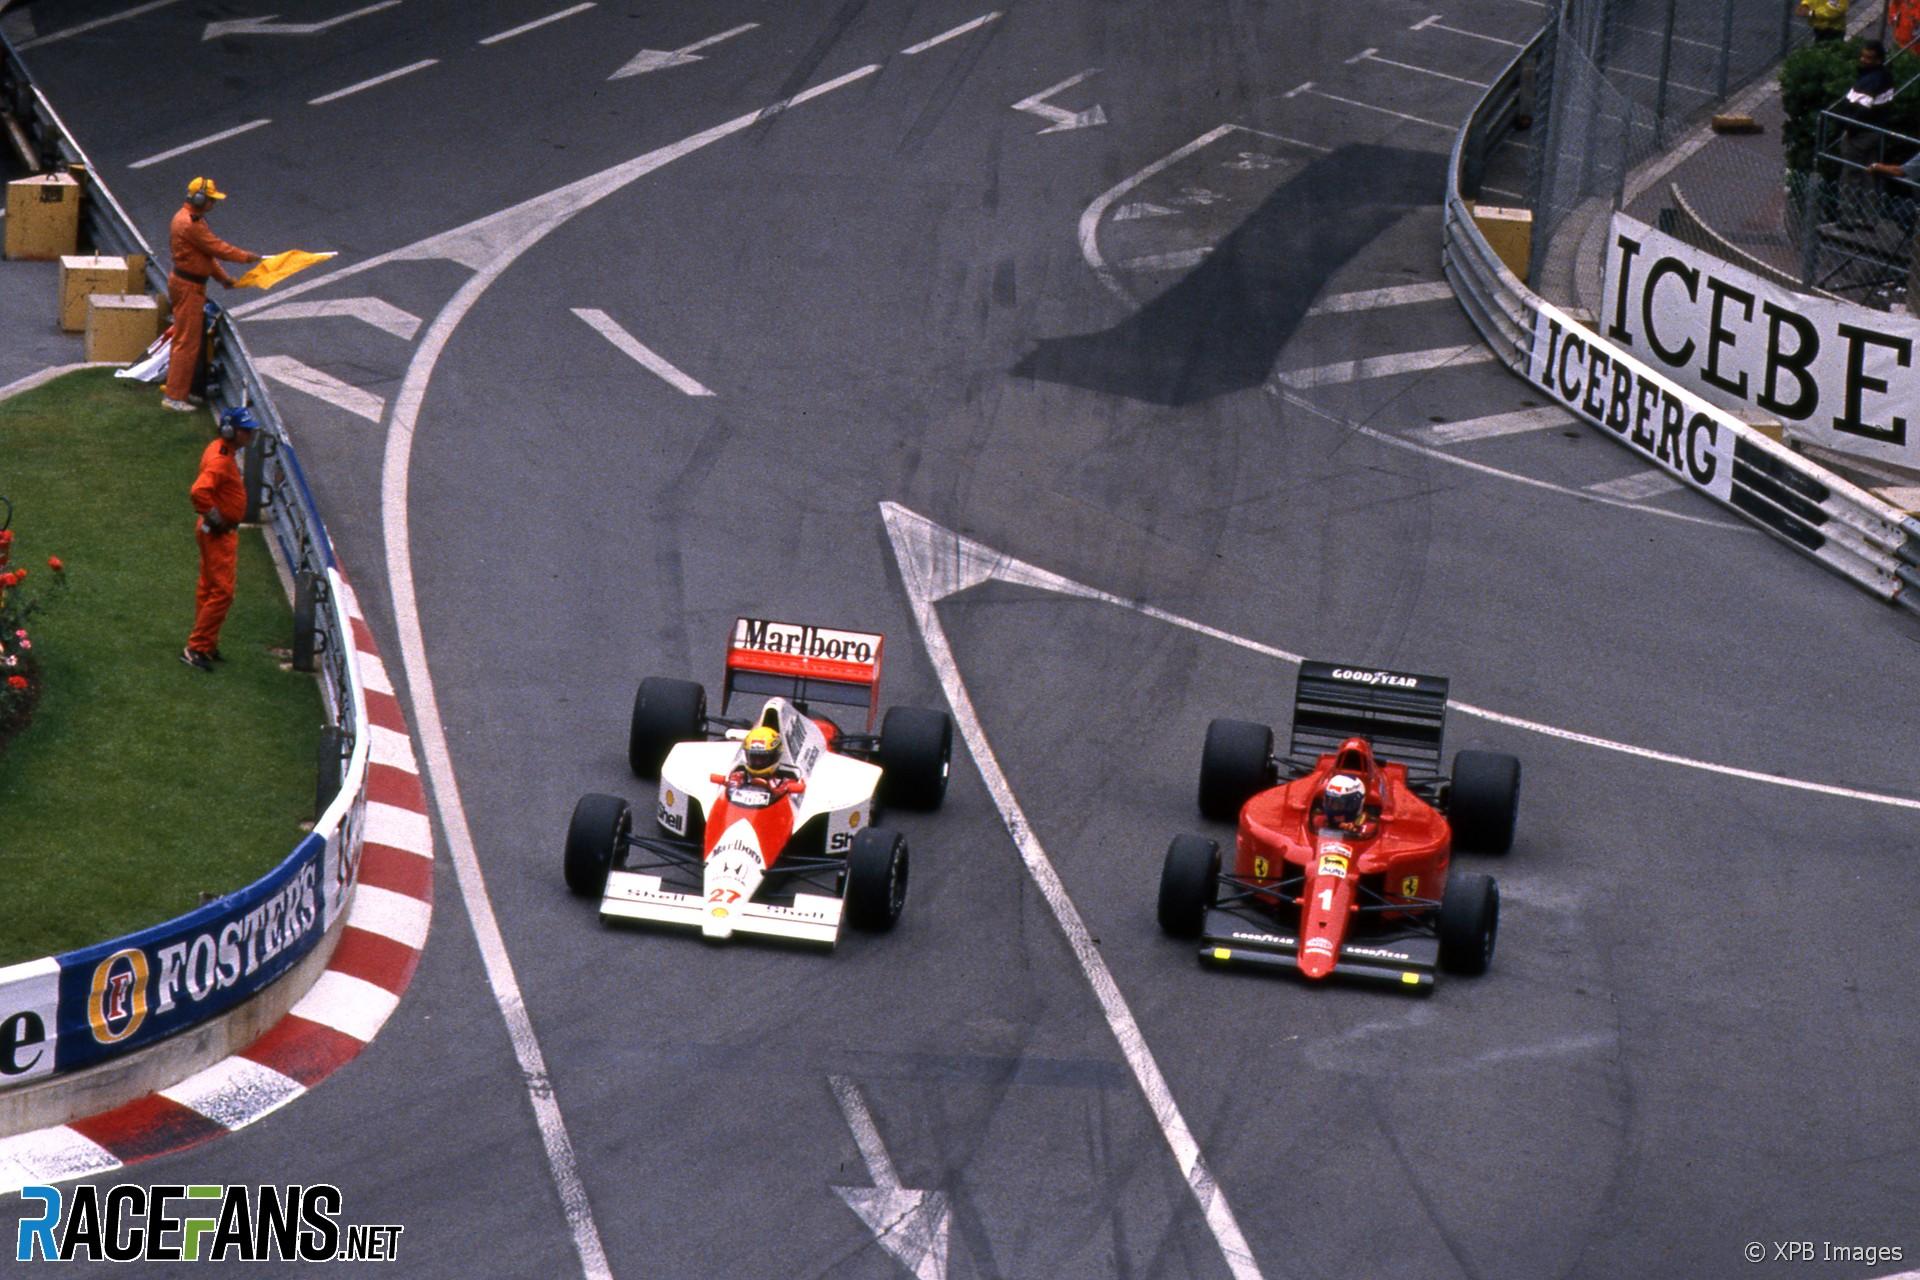 Ayrton Senna, Alain Prost, Monaco, 1990